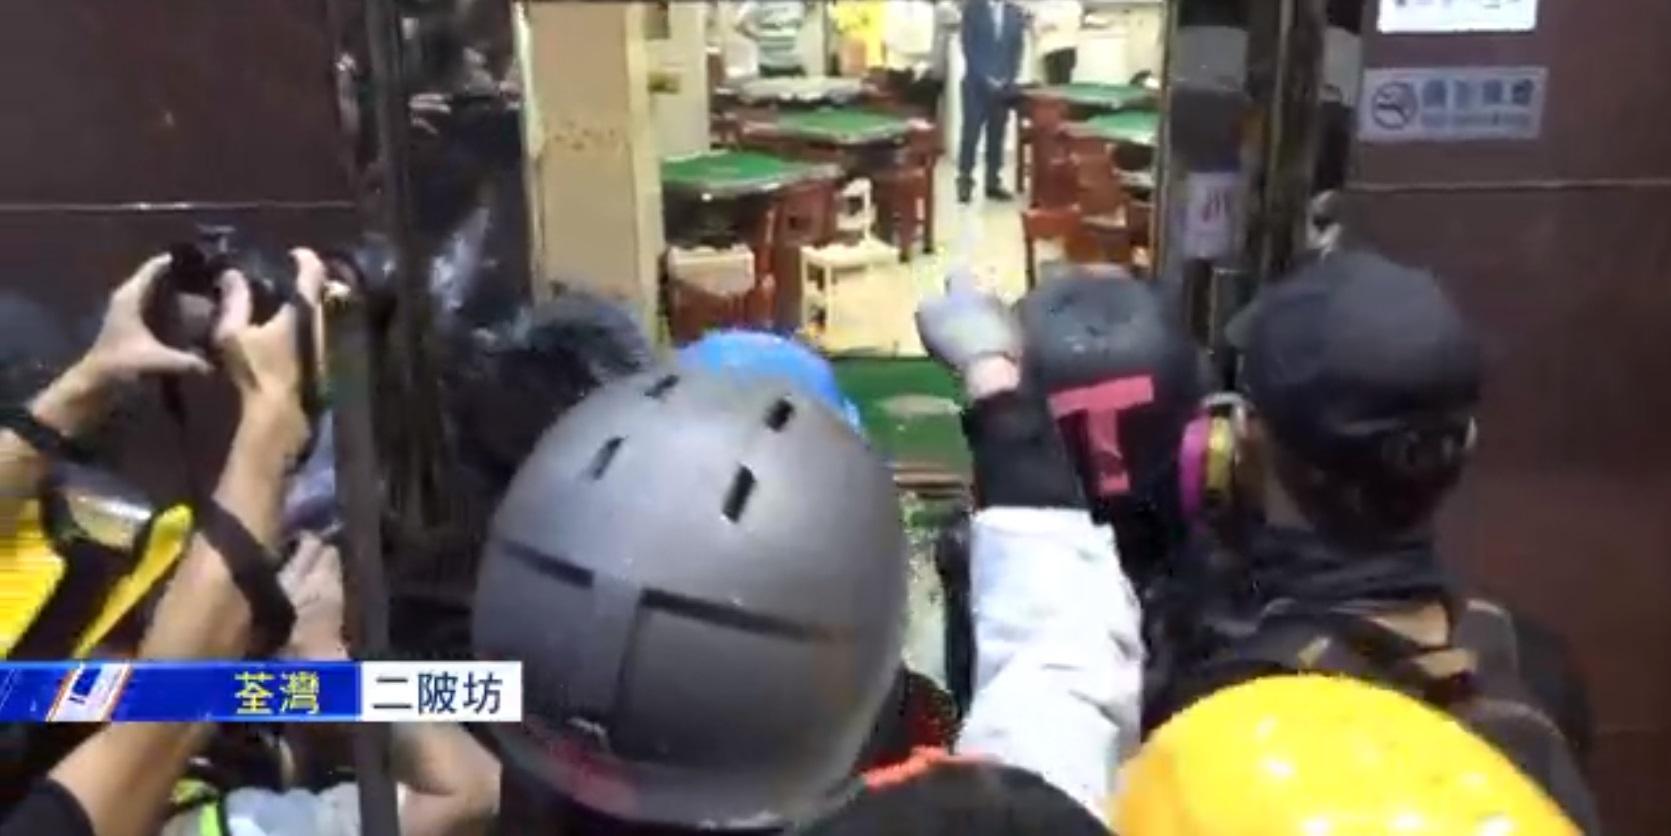 示威者打爆麻雀館玻璃要求「福建人」出來。NOW截圖